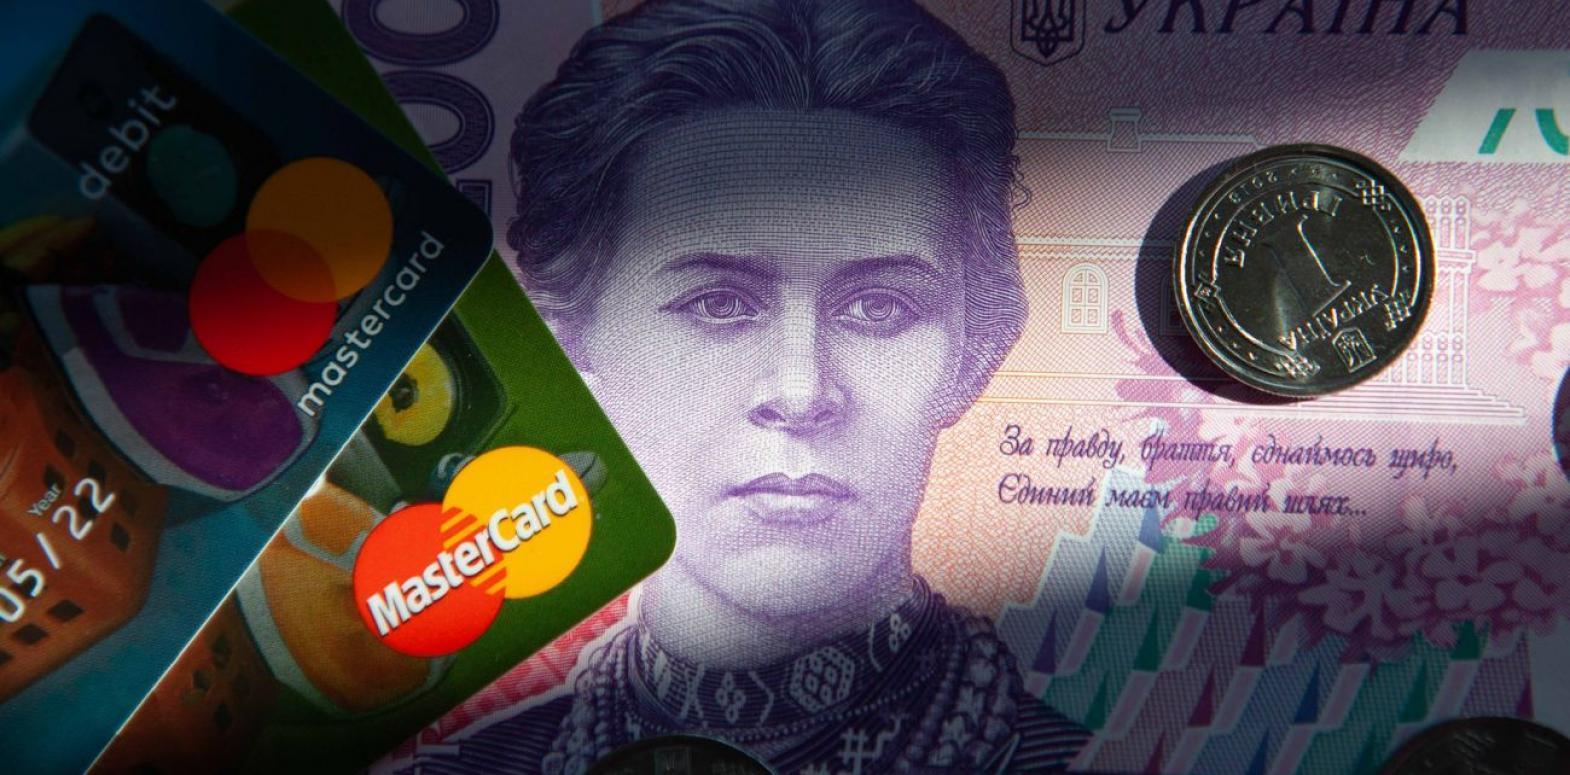 Украинцы сократили объемы снятия наличных в банкоматах